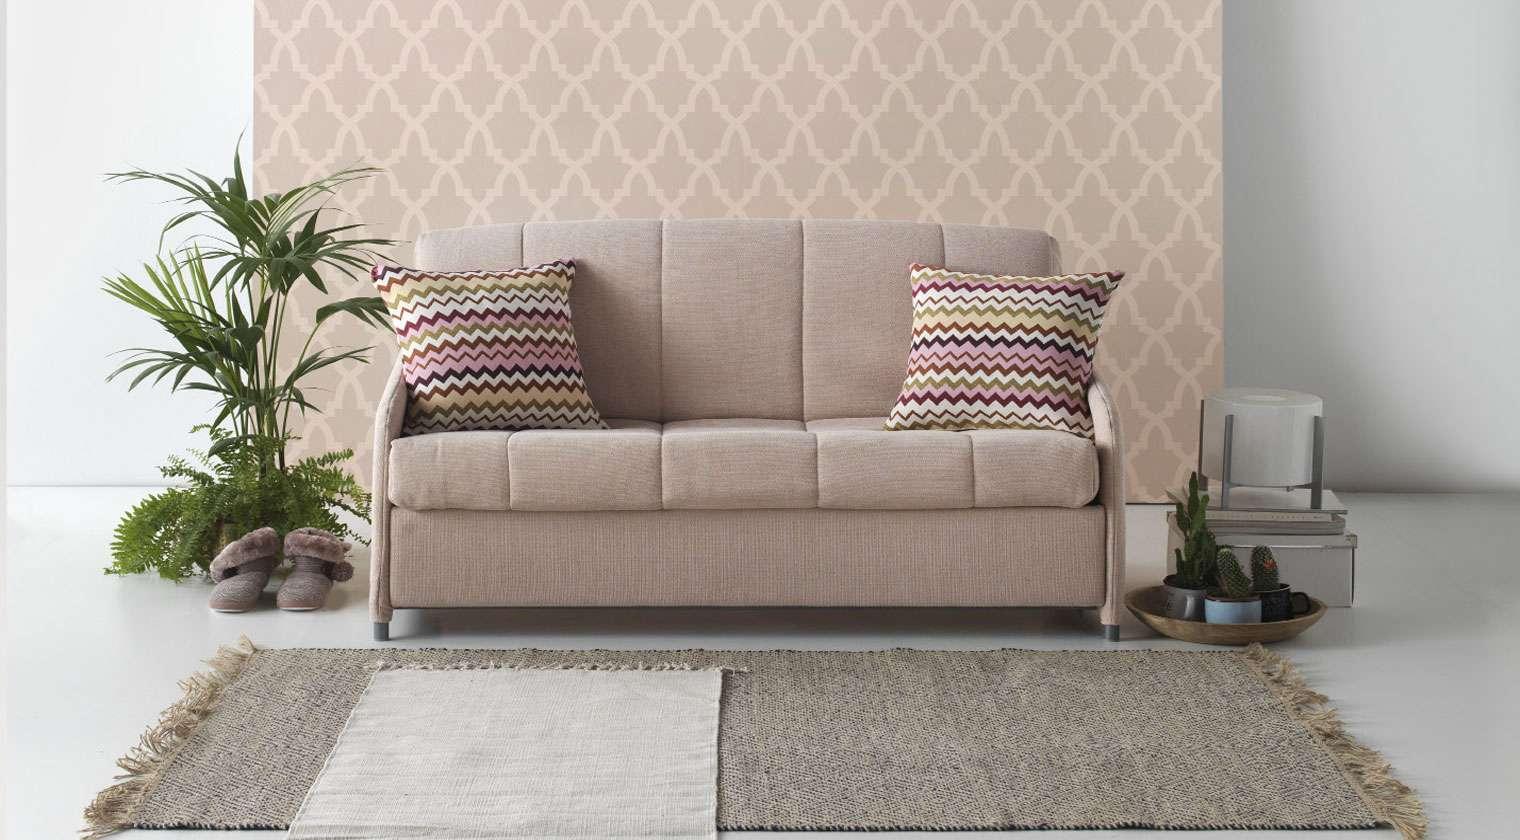 Sof cama dijon sofas cama extensible nido for Sofas extensibles baratos